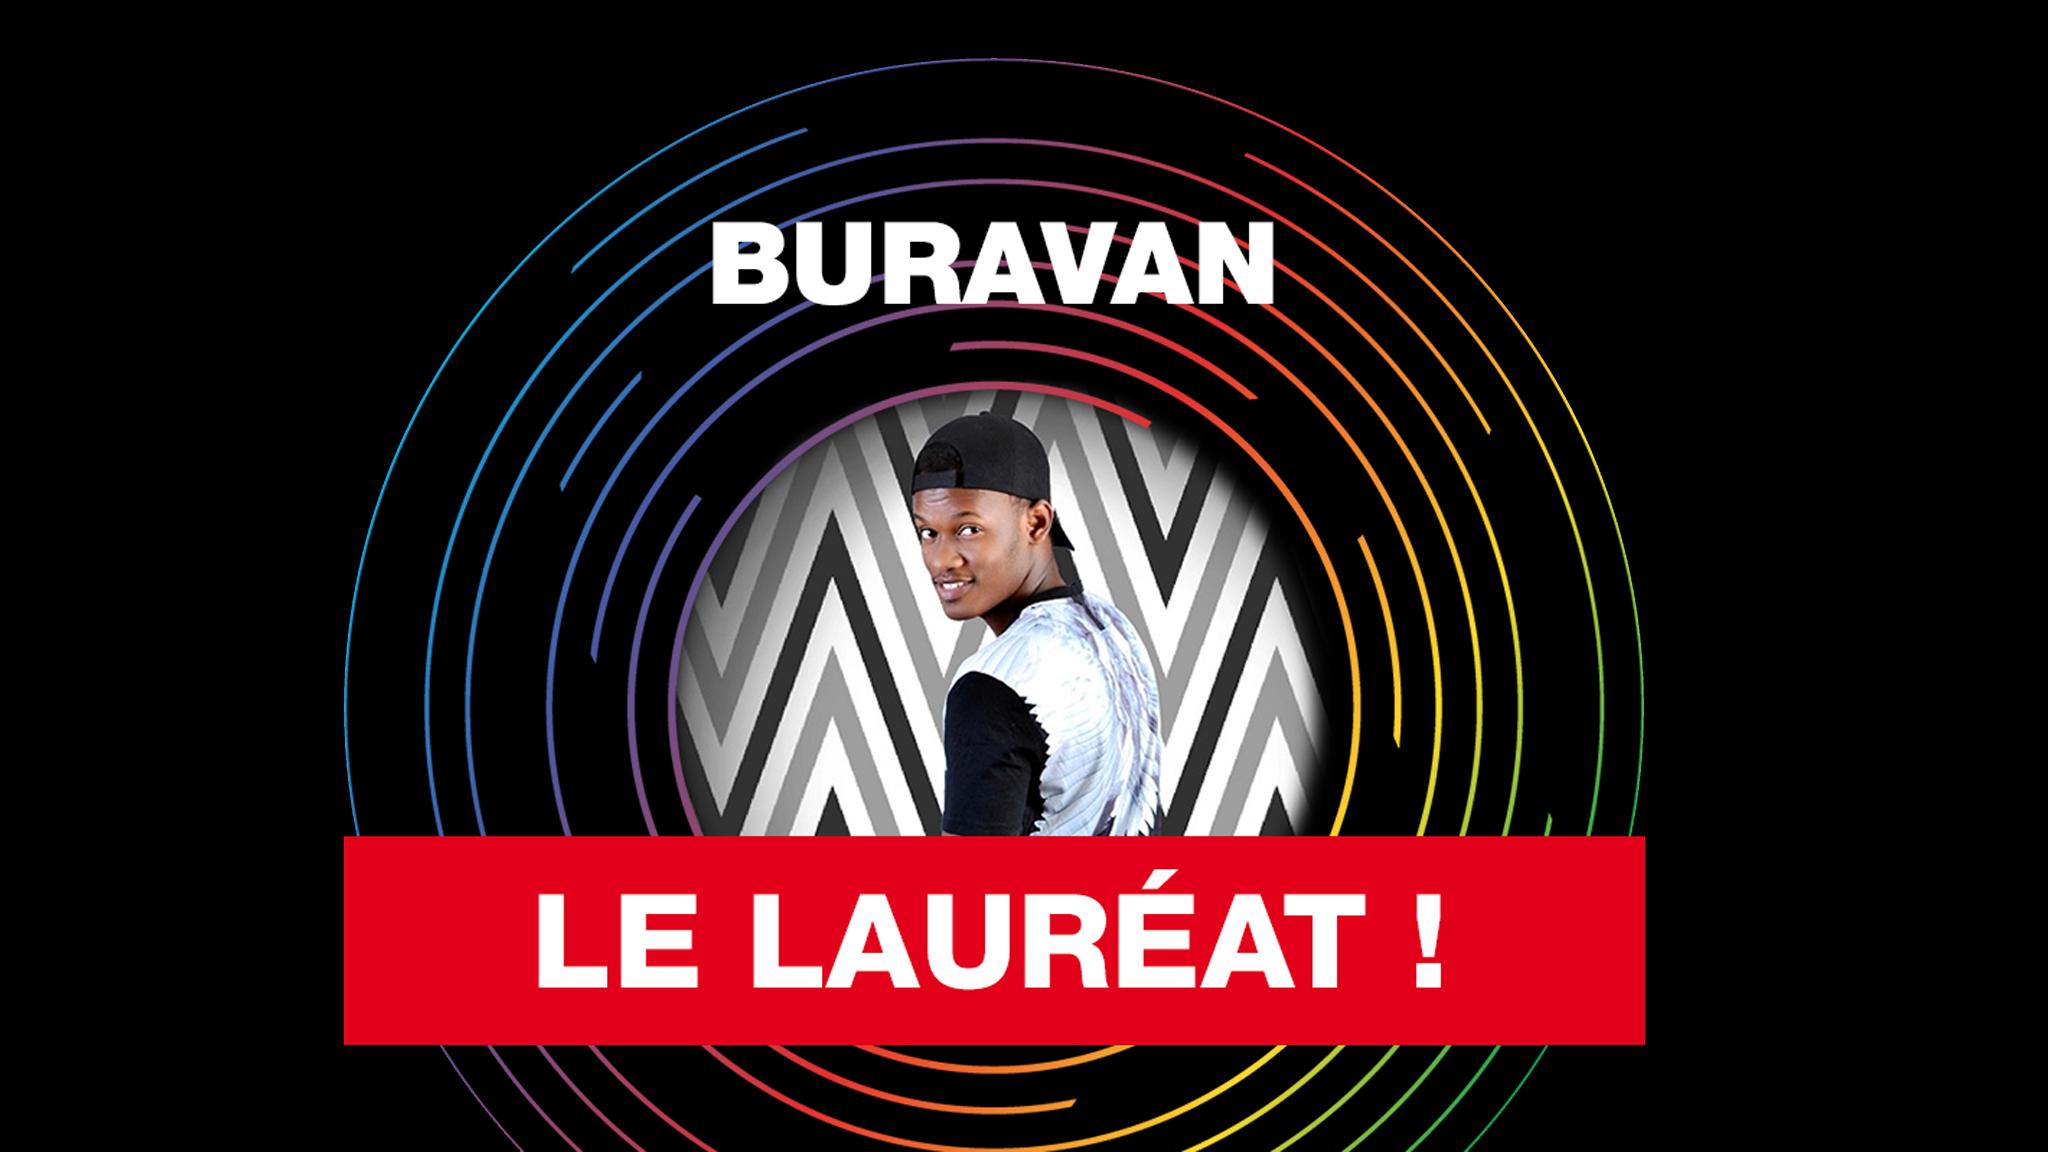 """Résultat de recherche d'images pour """"tout sur l'artiste Buravan"""""""